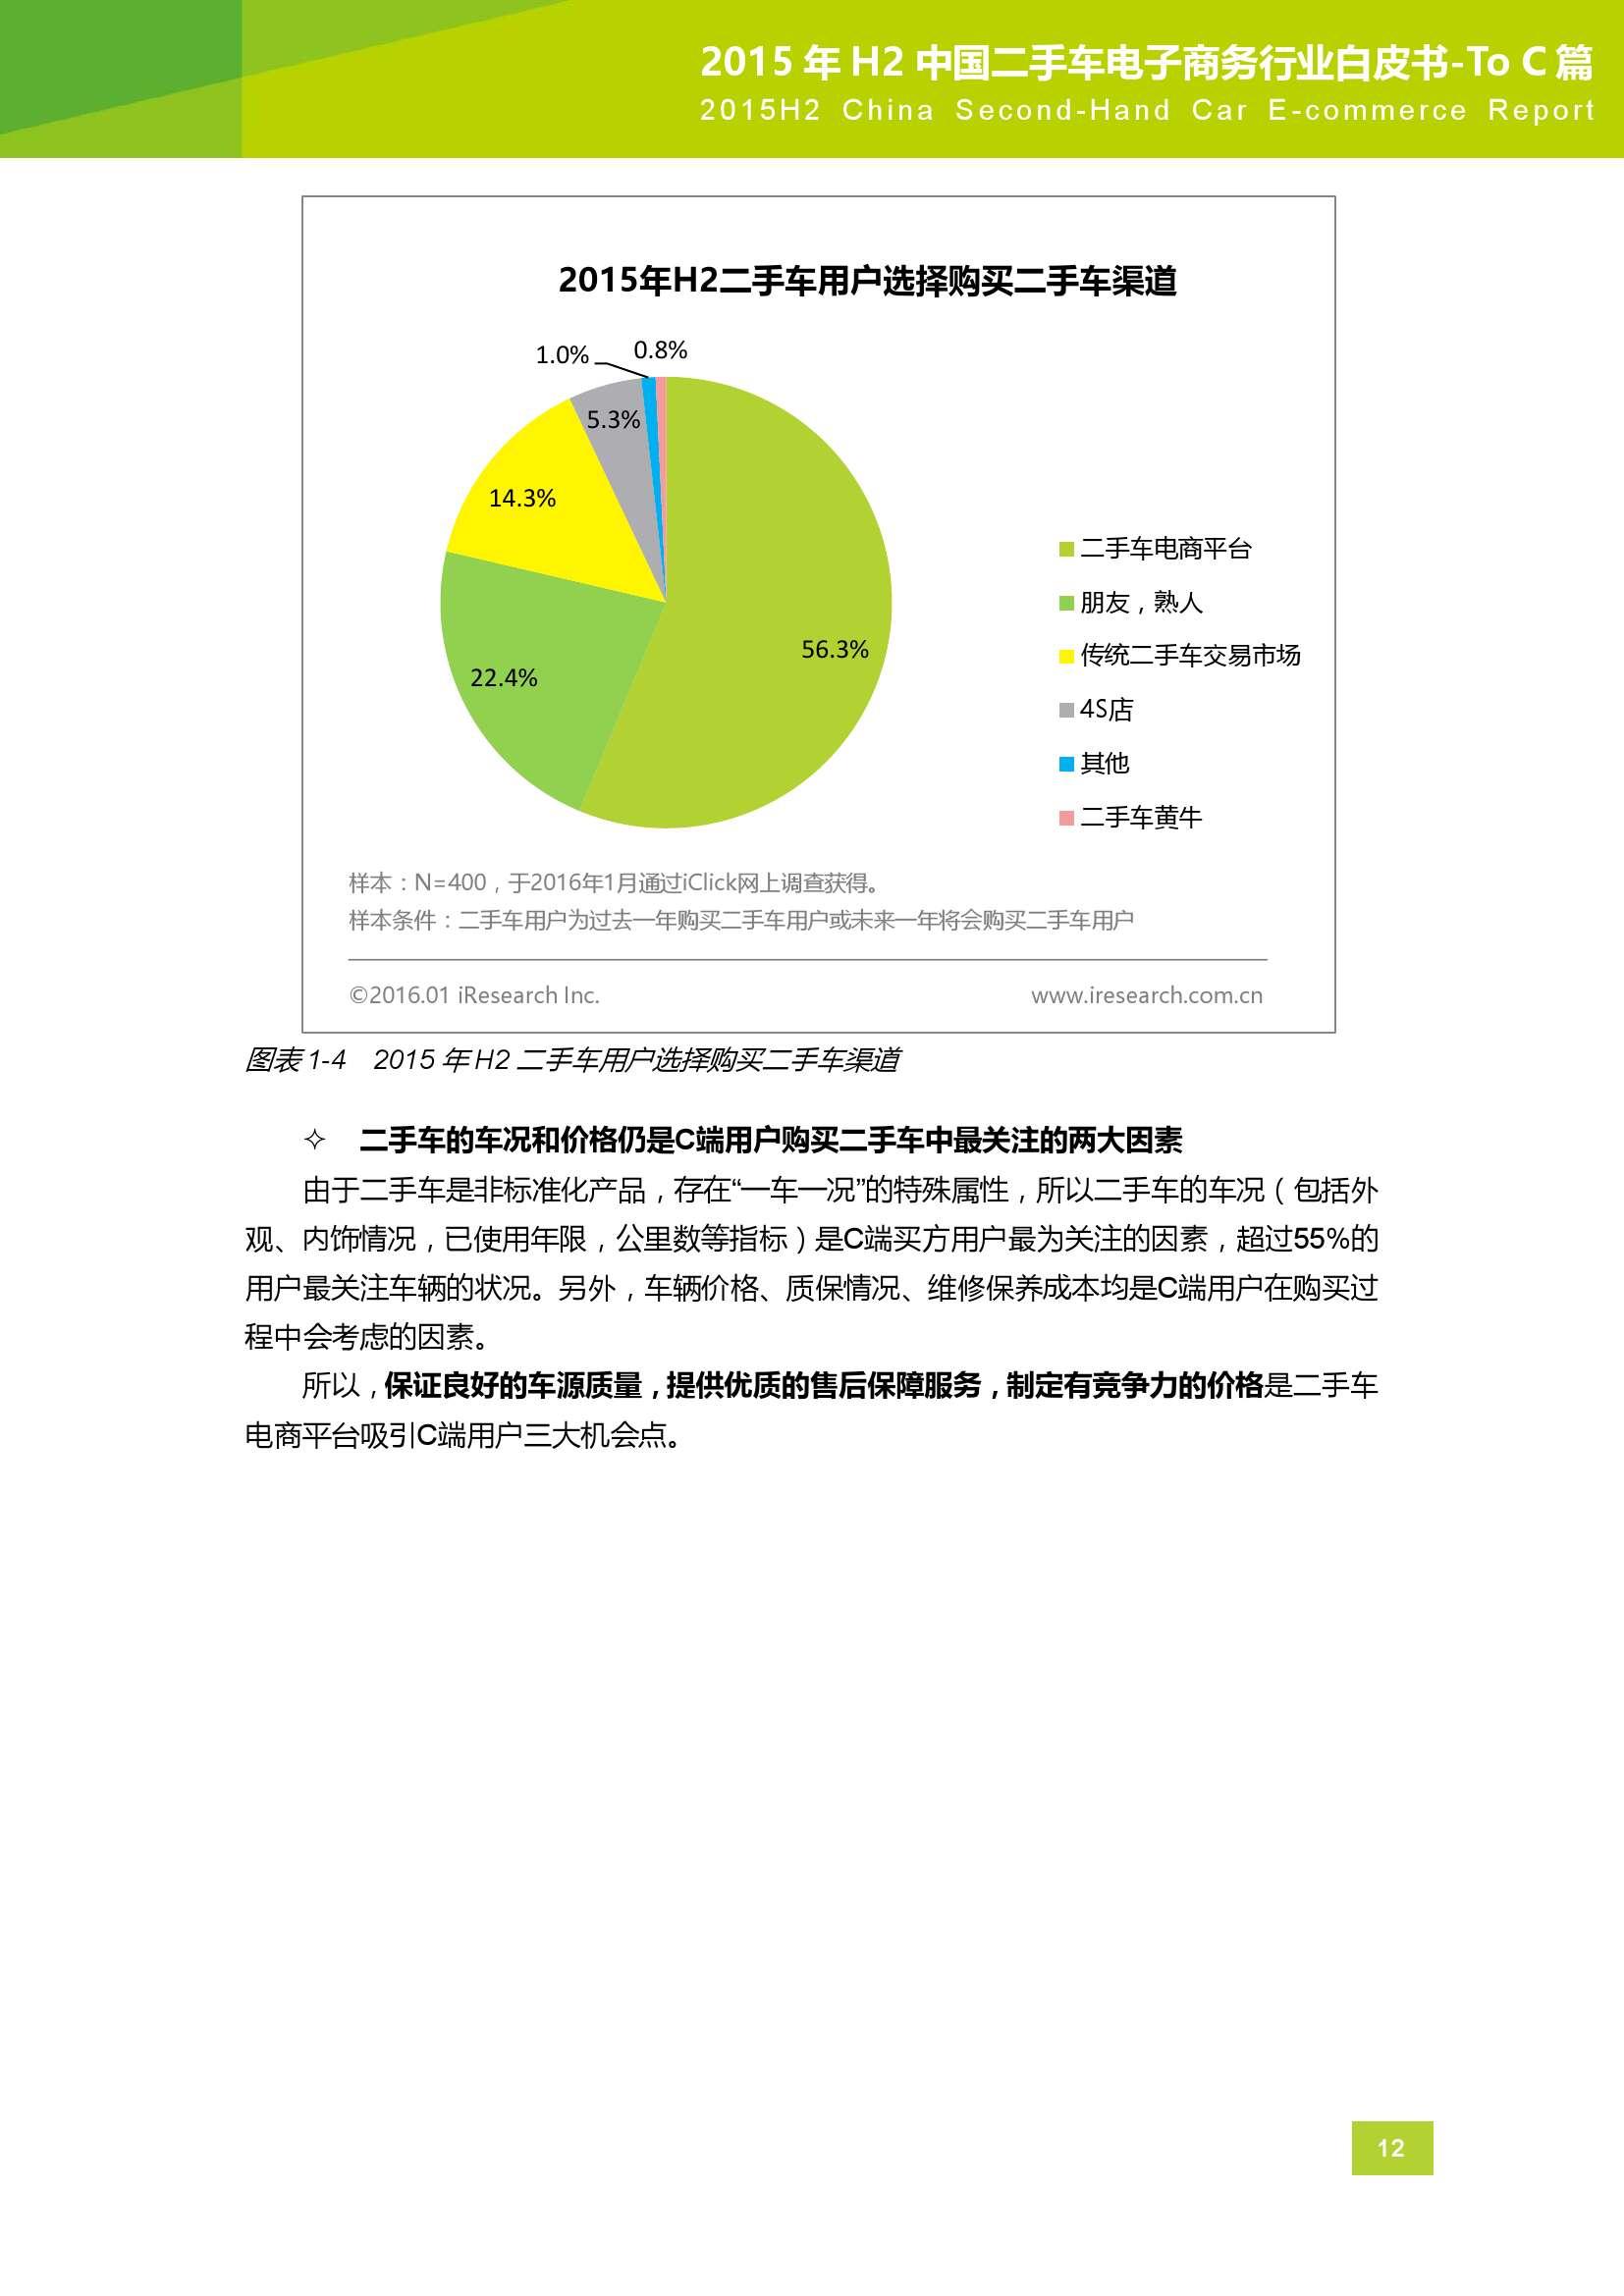 2015年H2中国二手车电子商务行业白皮书_000012